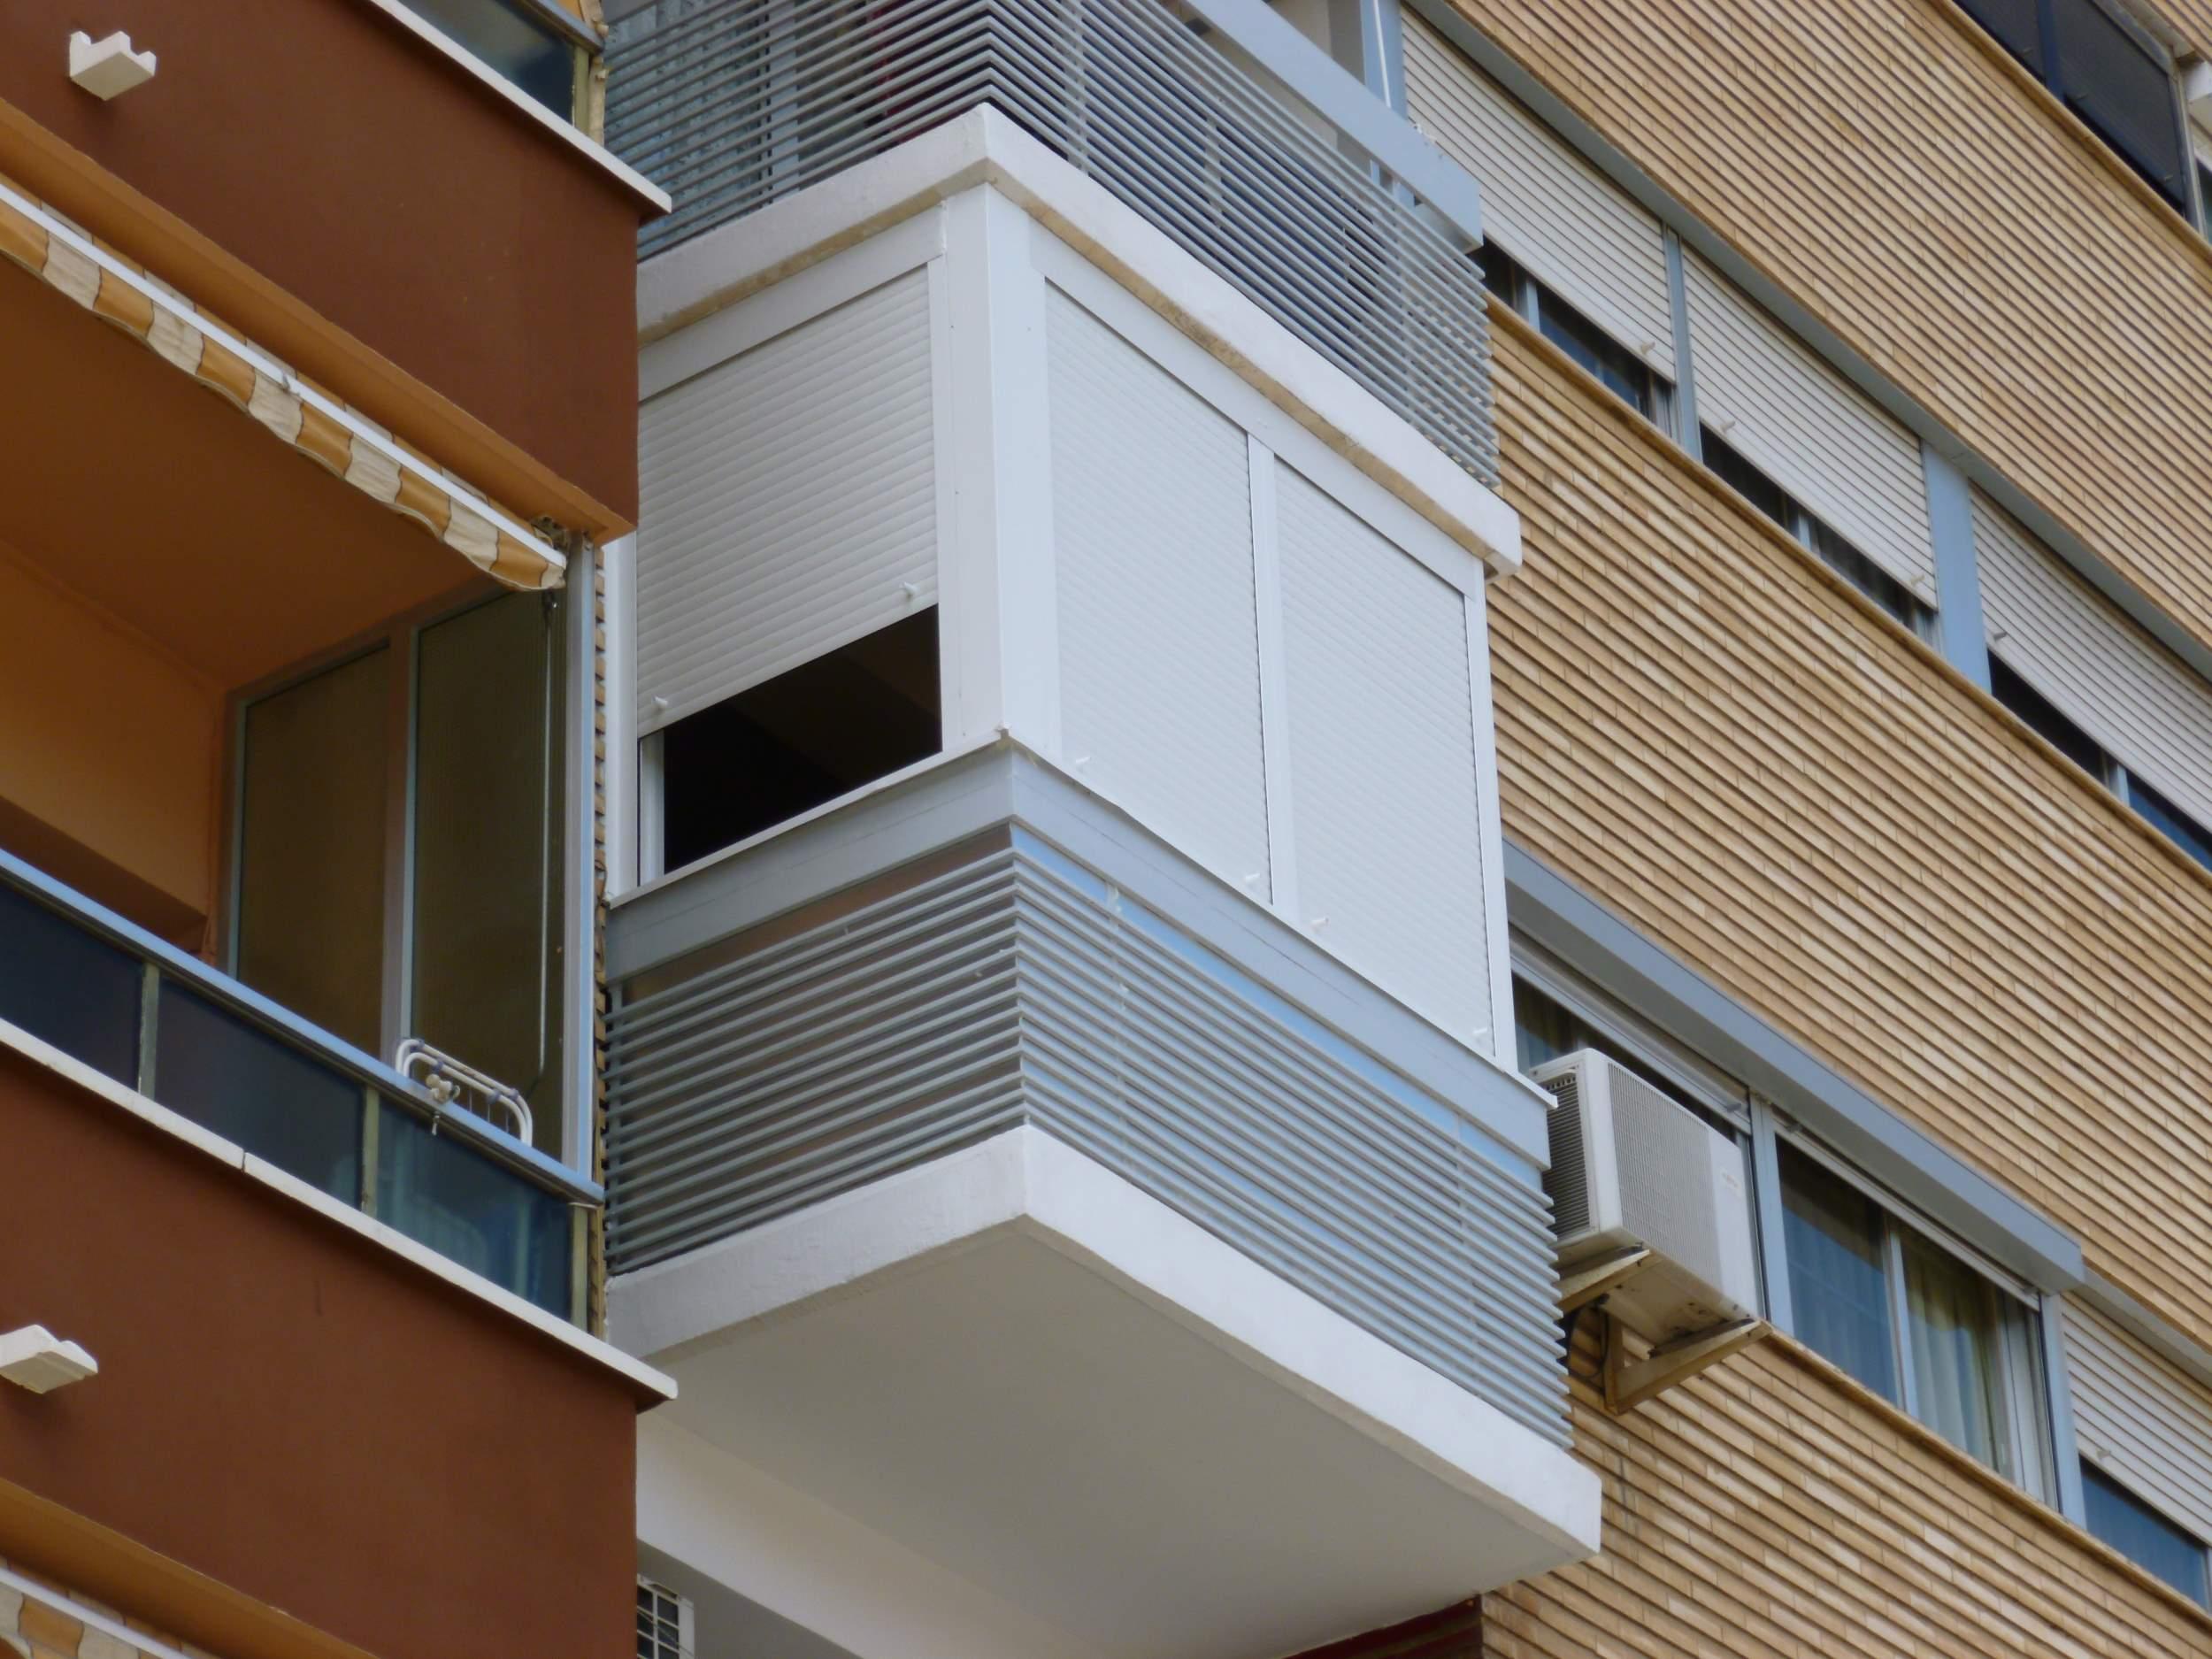 Cerramientos de galer as balcones y miradores - Cerramiento de balcon ...